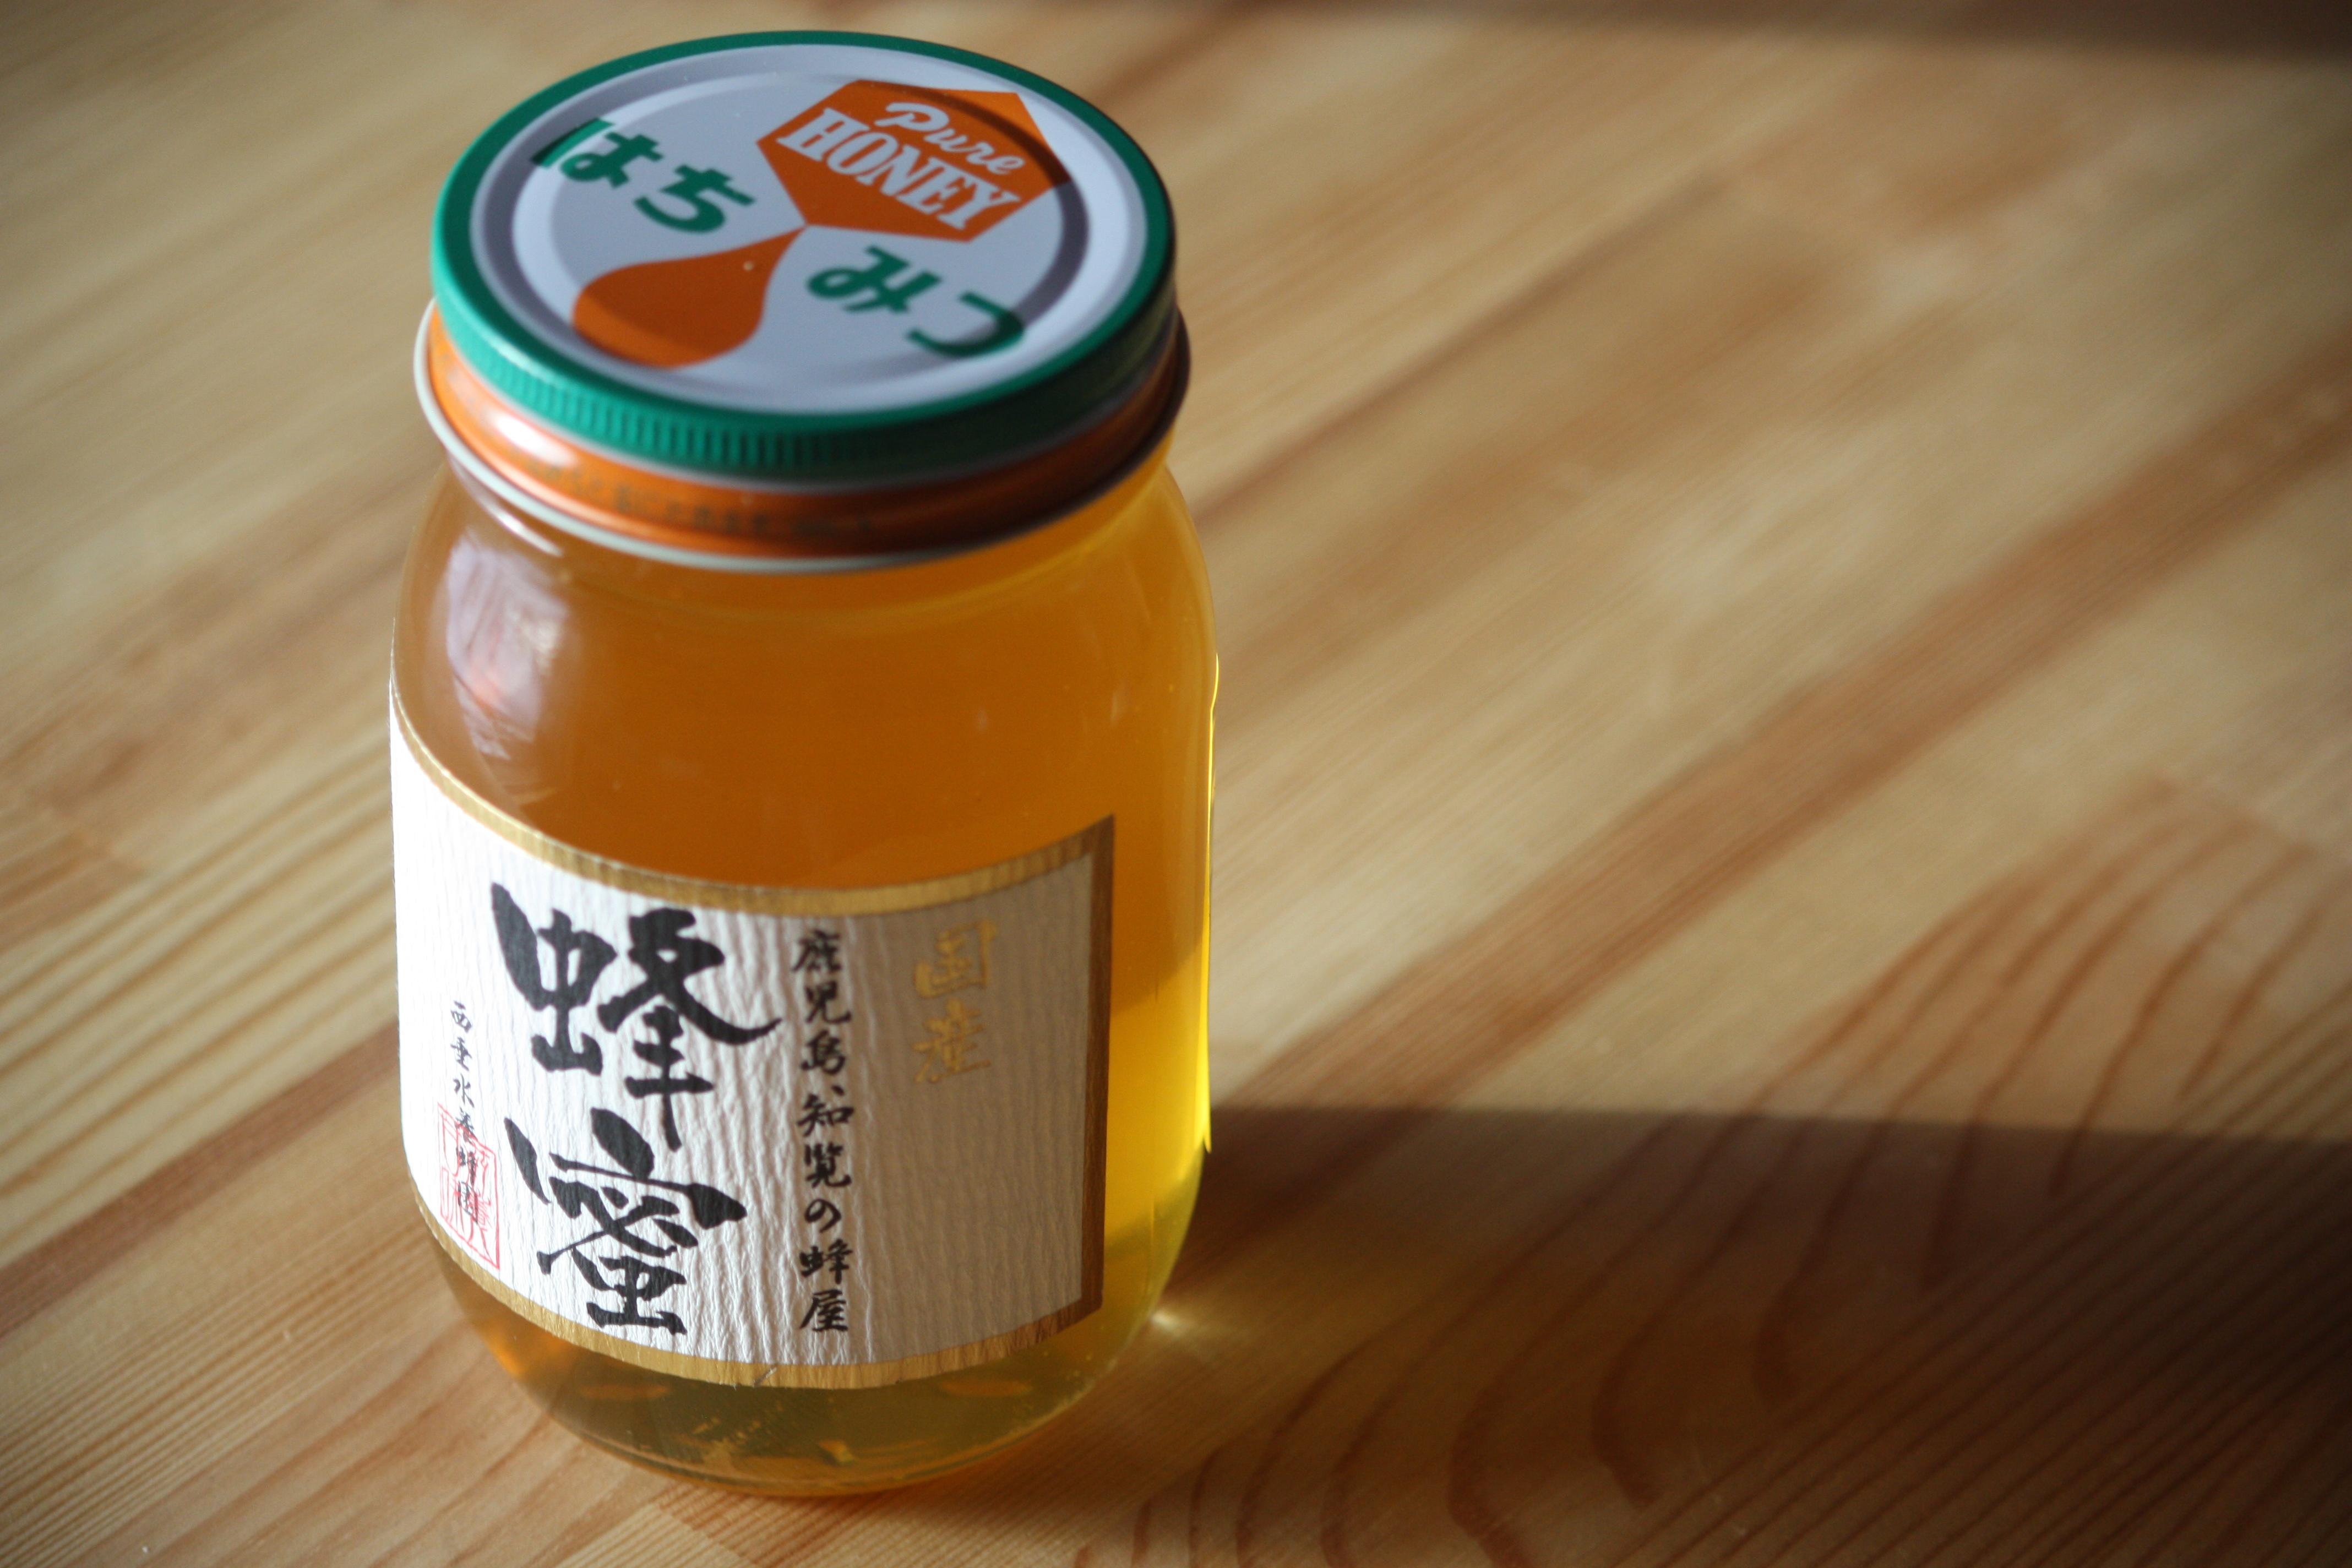 国産 キハダ蜜(シコロ) 600g 日本産